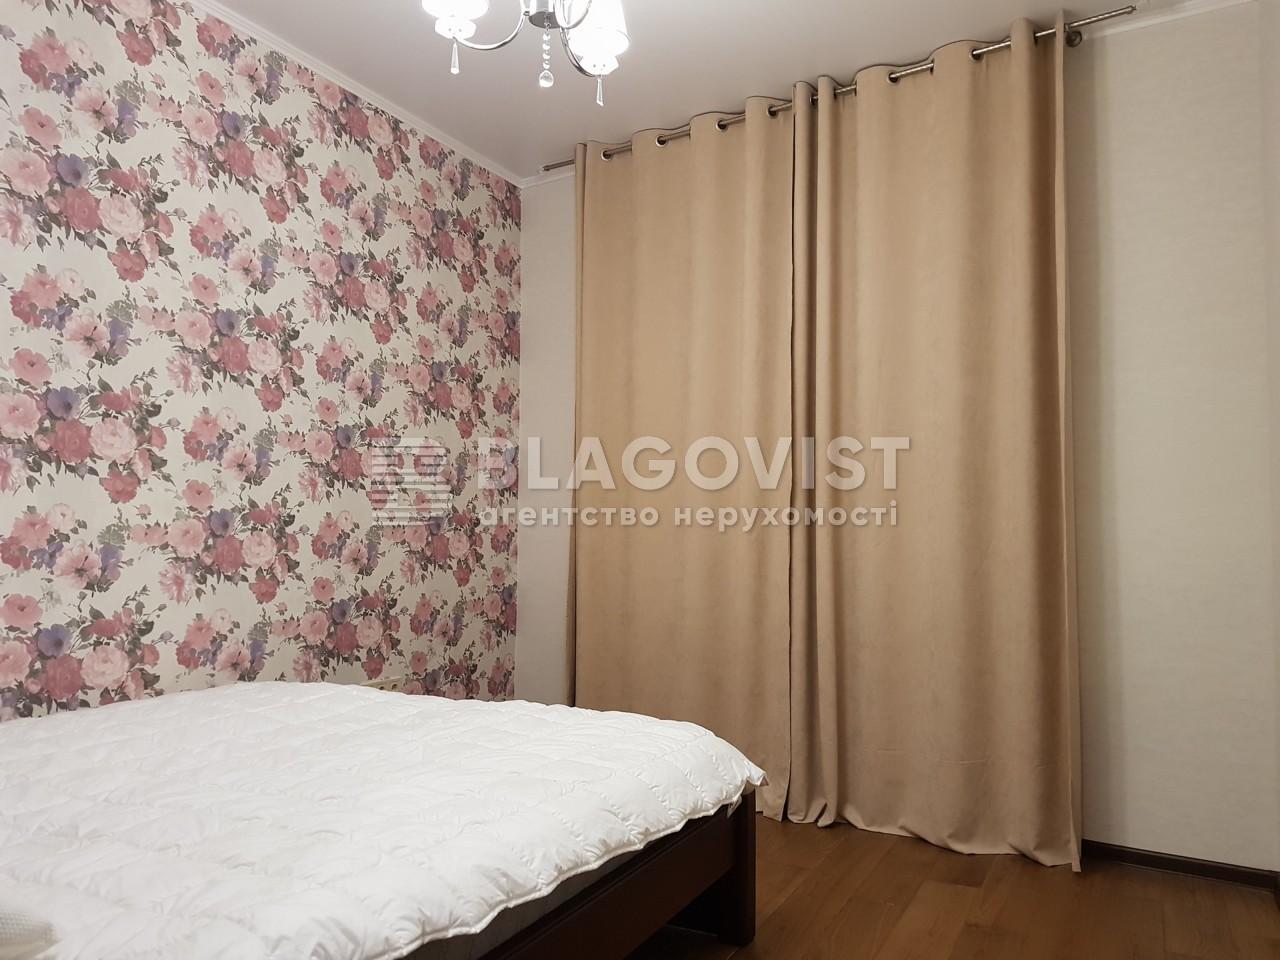 Квартира A-112206, Каховская (Никольская Слободка), 62, Киев - Фото 10